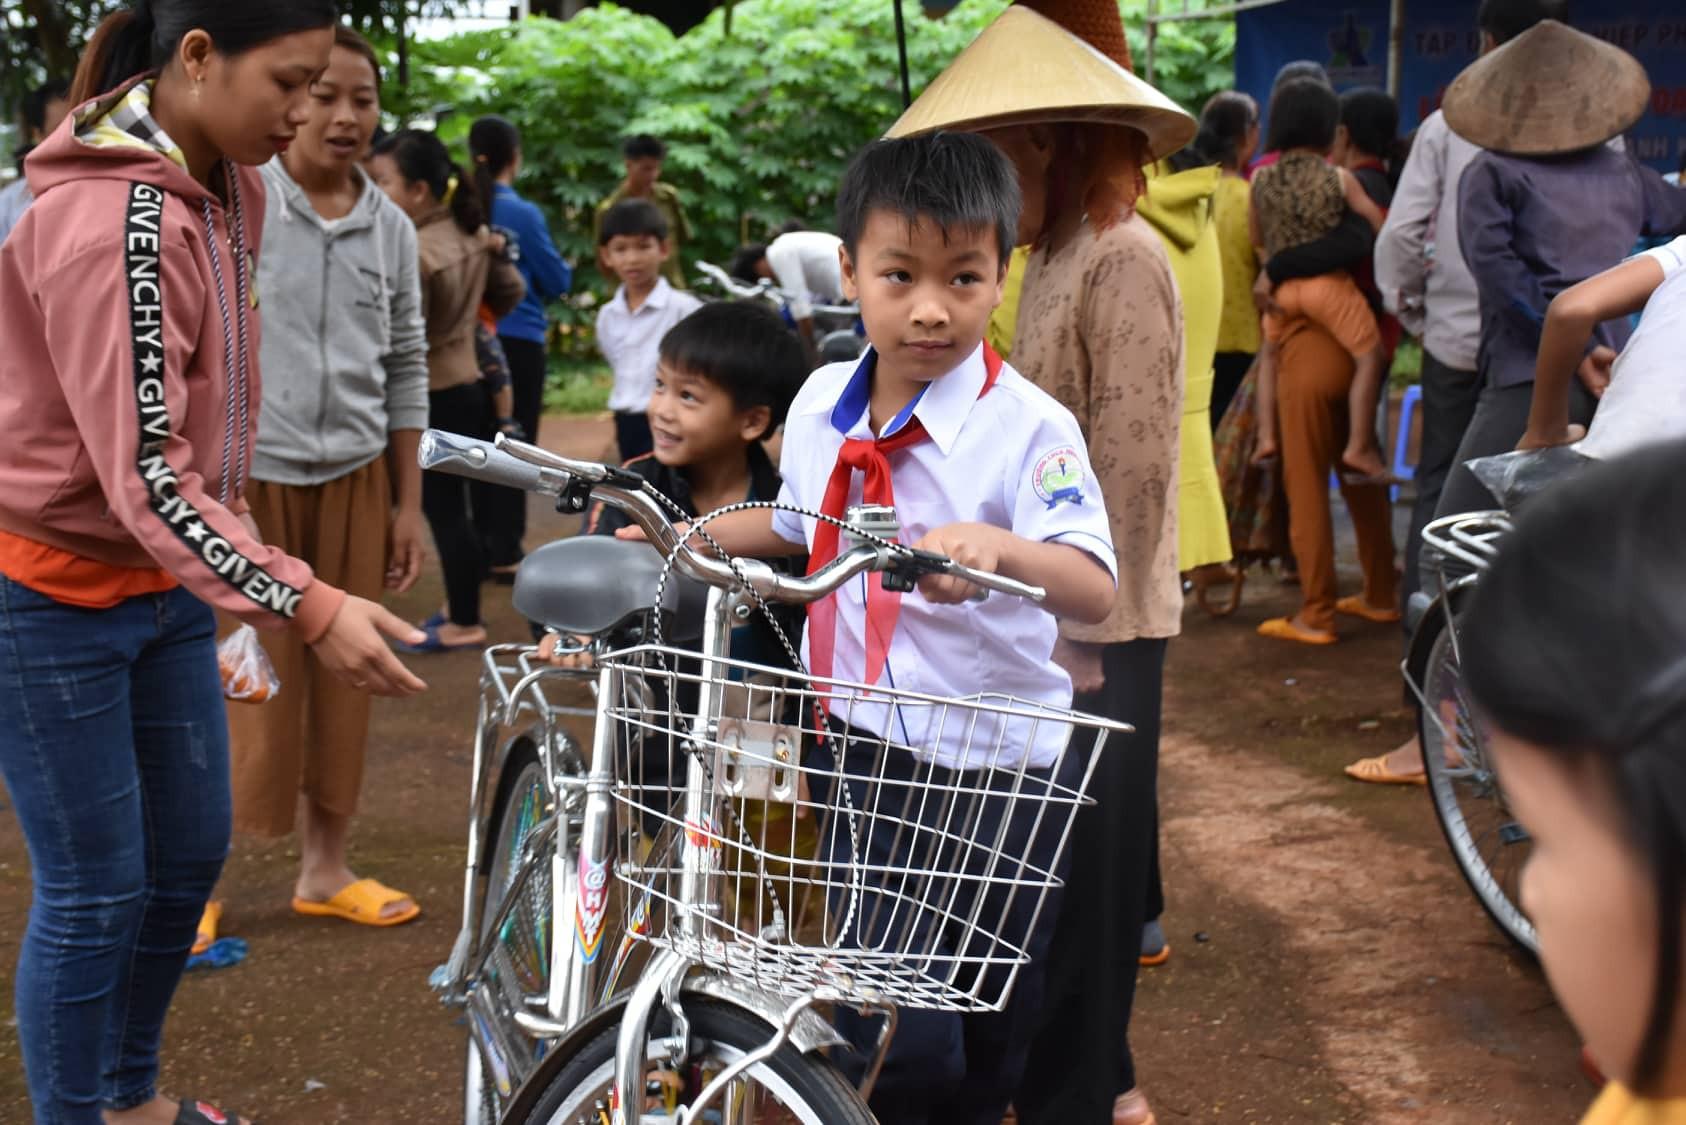 Trao tặng 50 chiếc xe đạp cho học sinh nghèo tại vùng biên giới tỉnh Gia Lai trước năm học mới. - Ảnh 3.